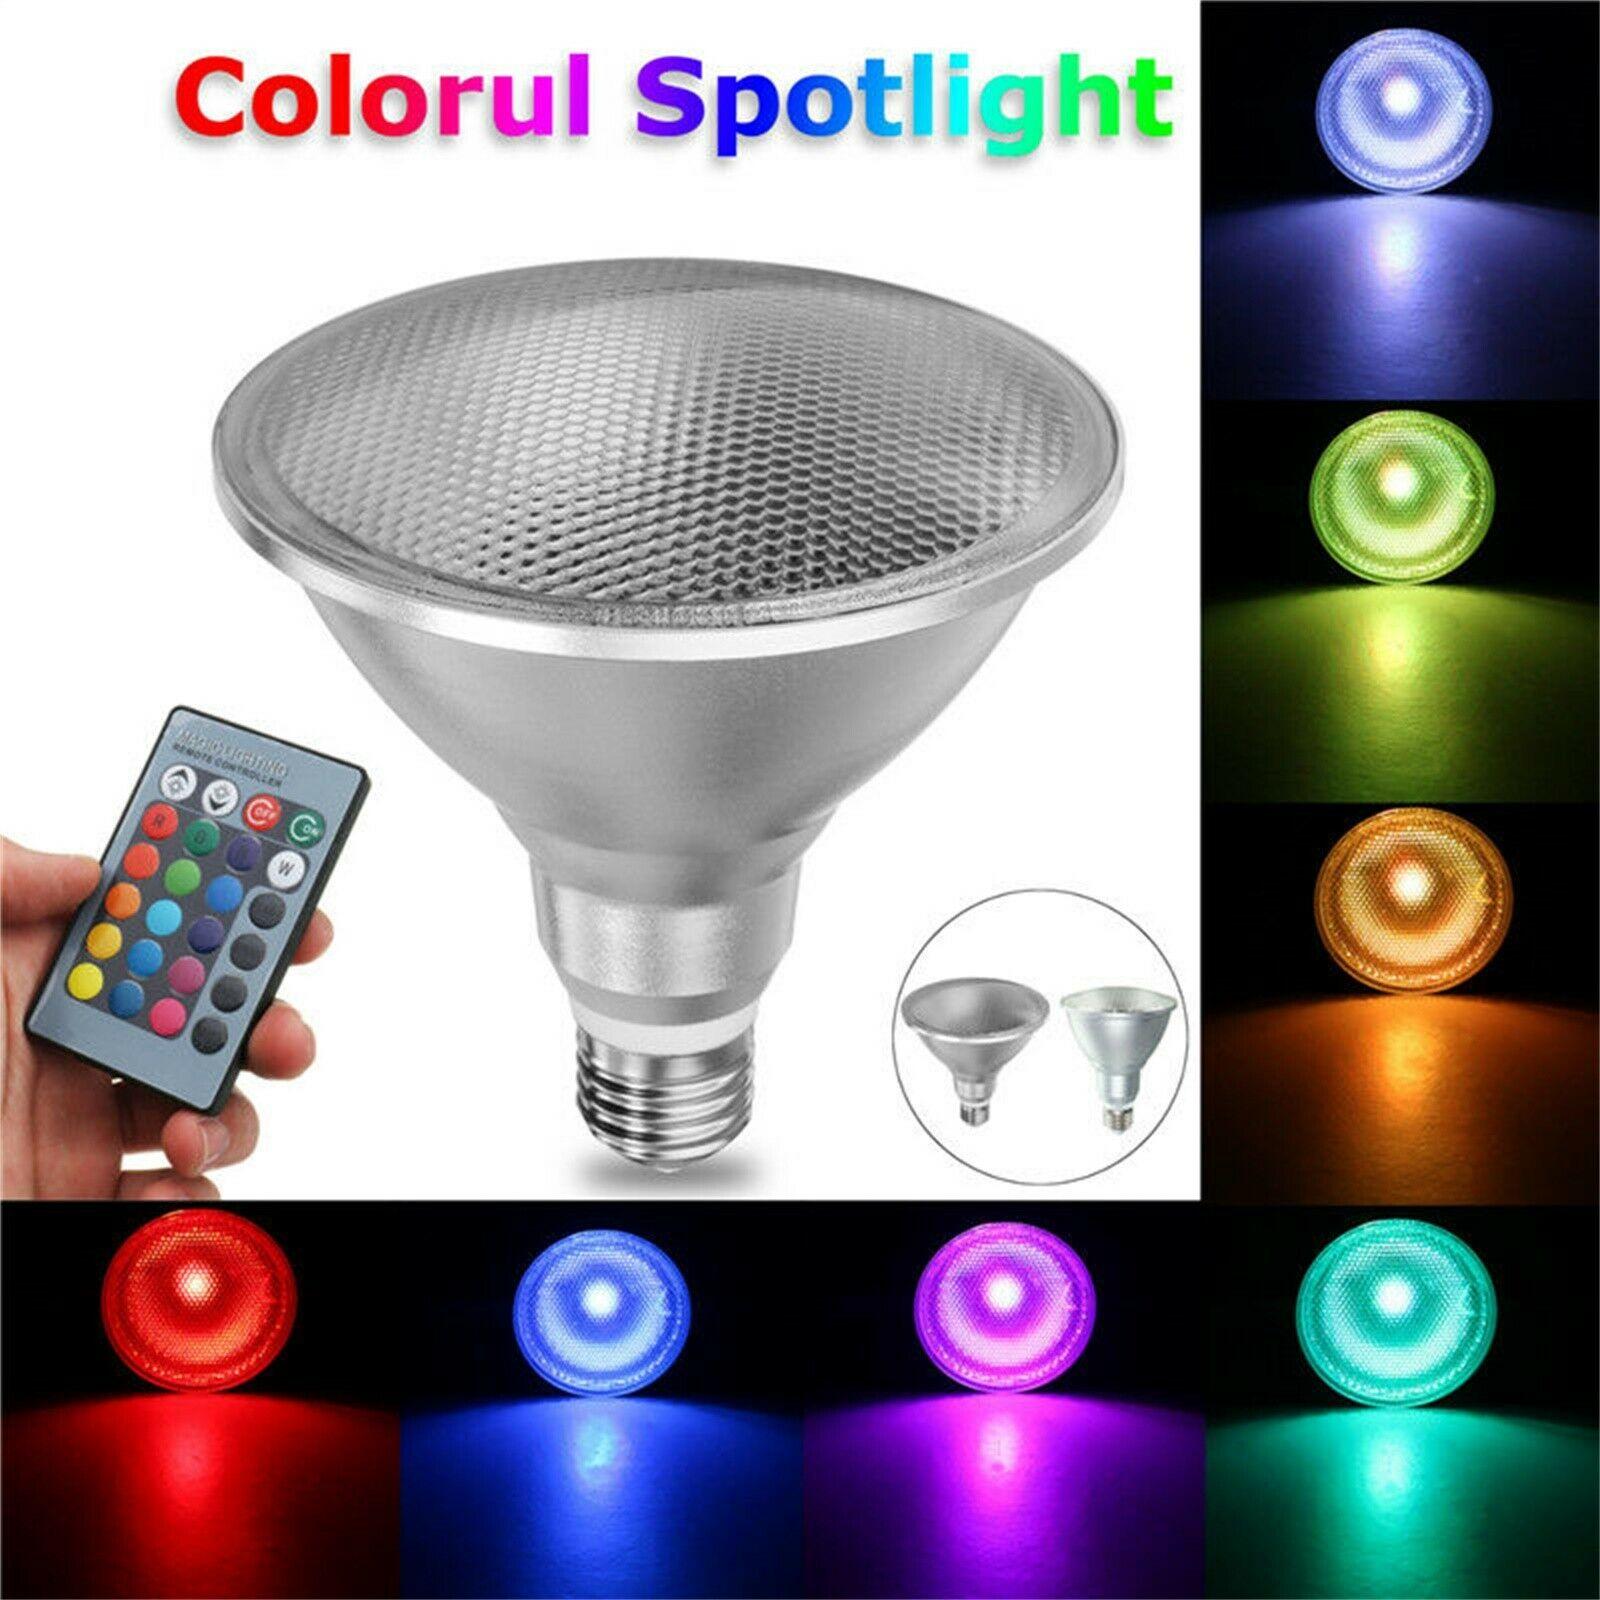 Dimmable RGB PAR30 PAR38 Par Light E27 15W 25W LED Spotlight Bulb Flood Lamp Remote Control Multicolor Home Decoration 110V 220V